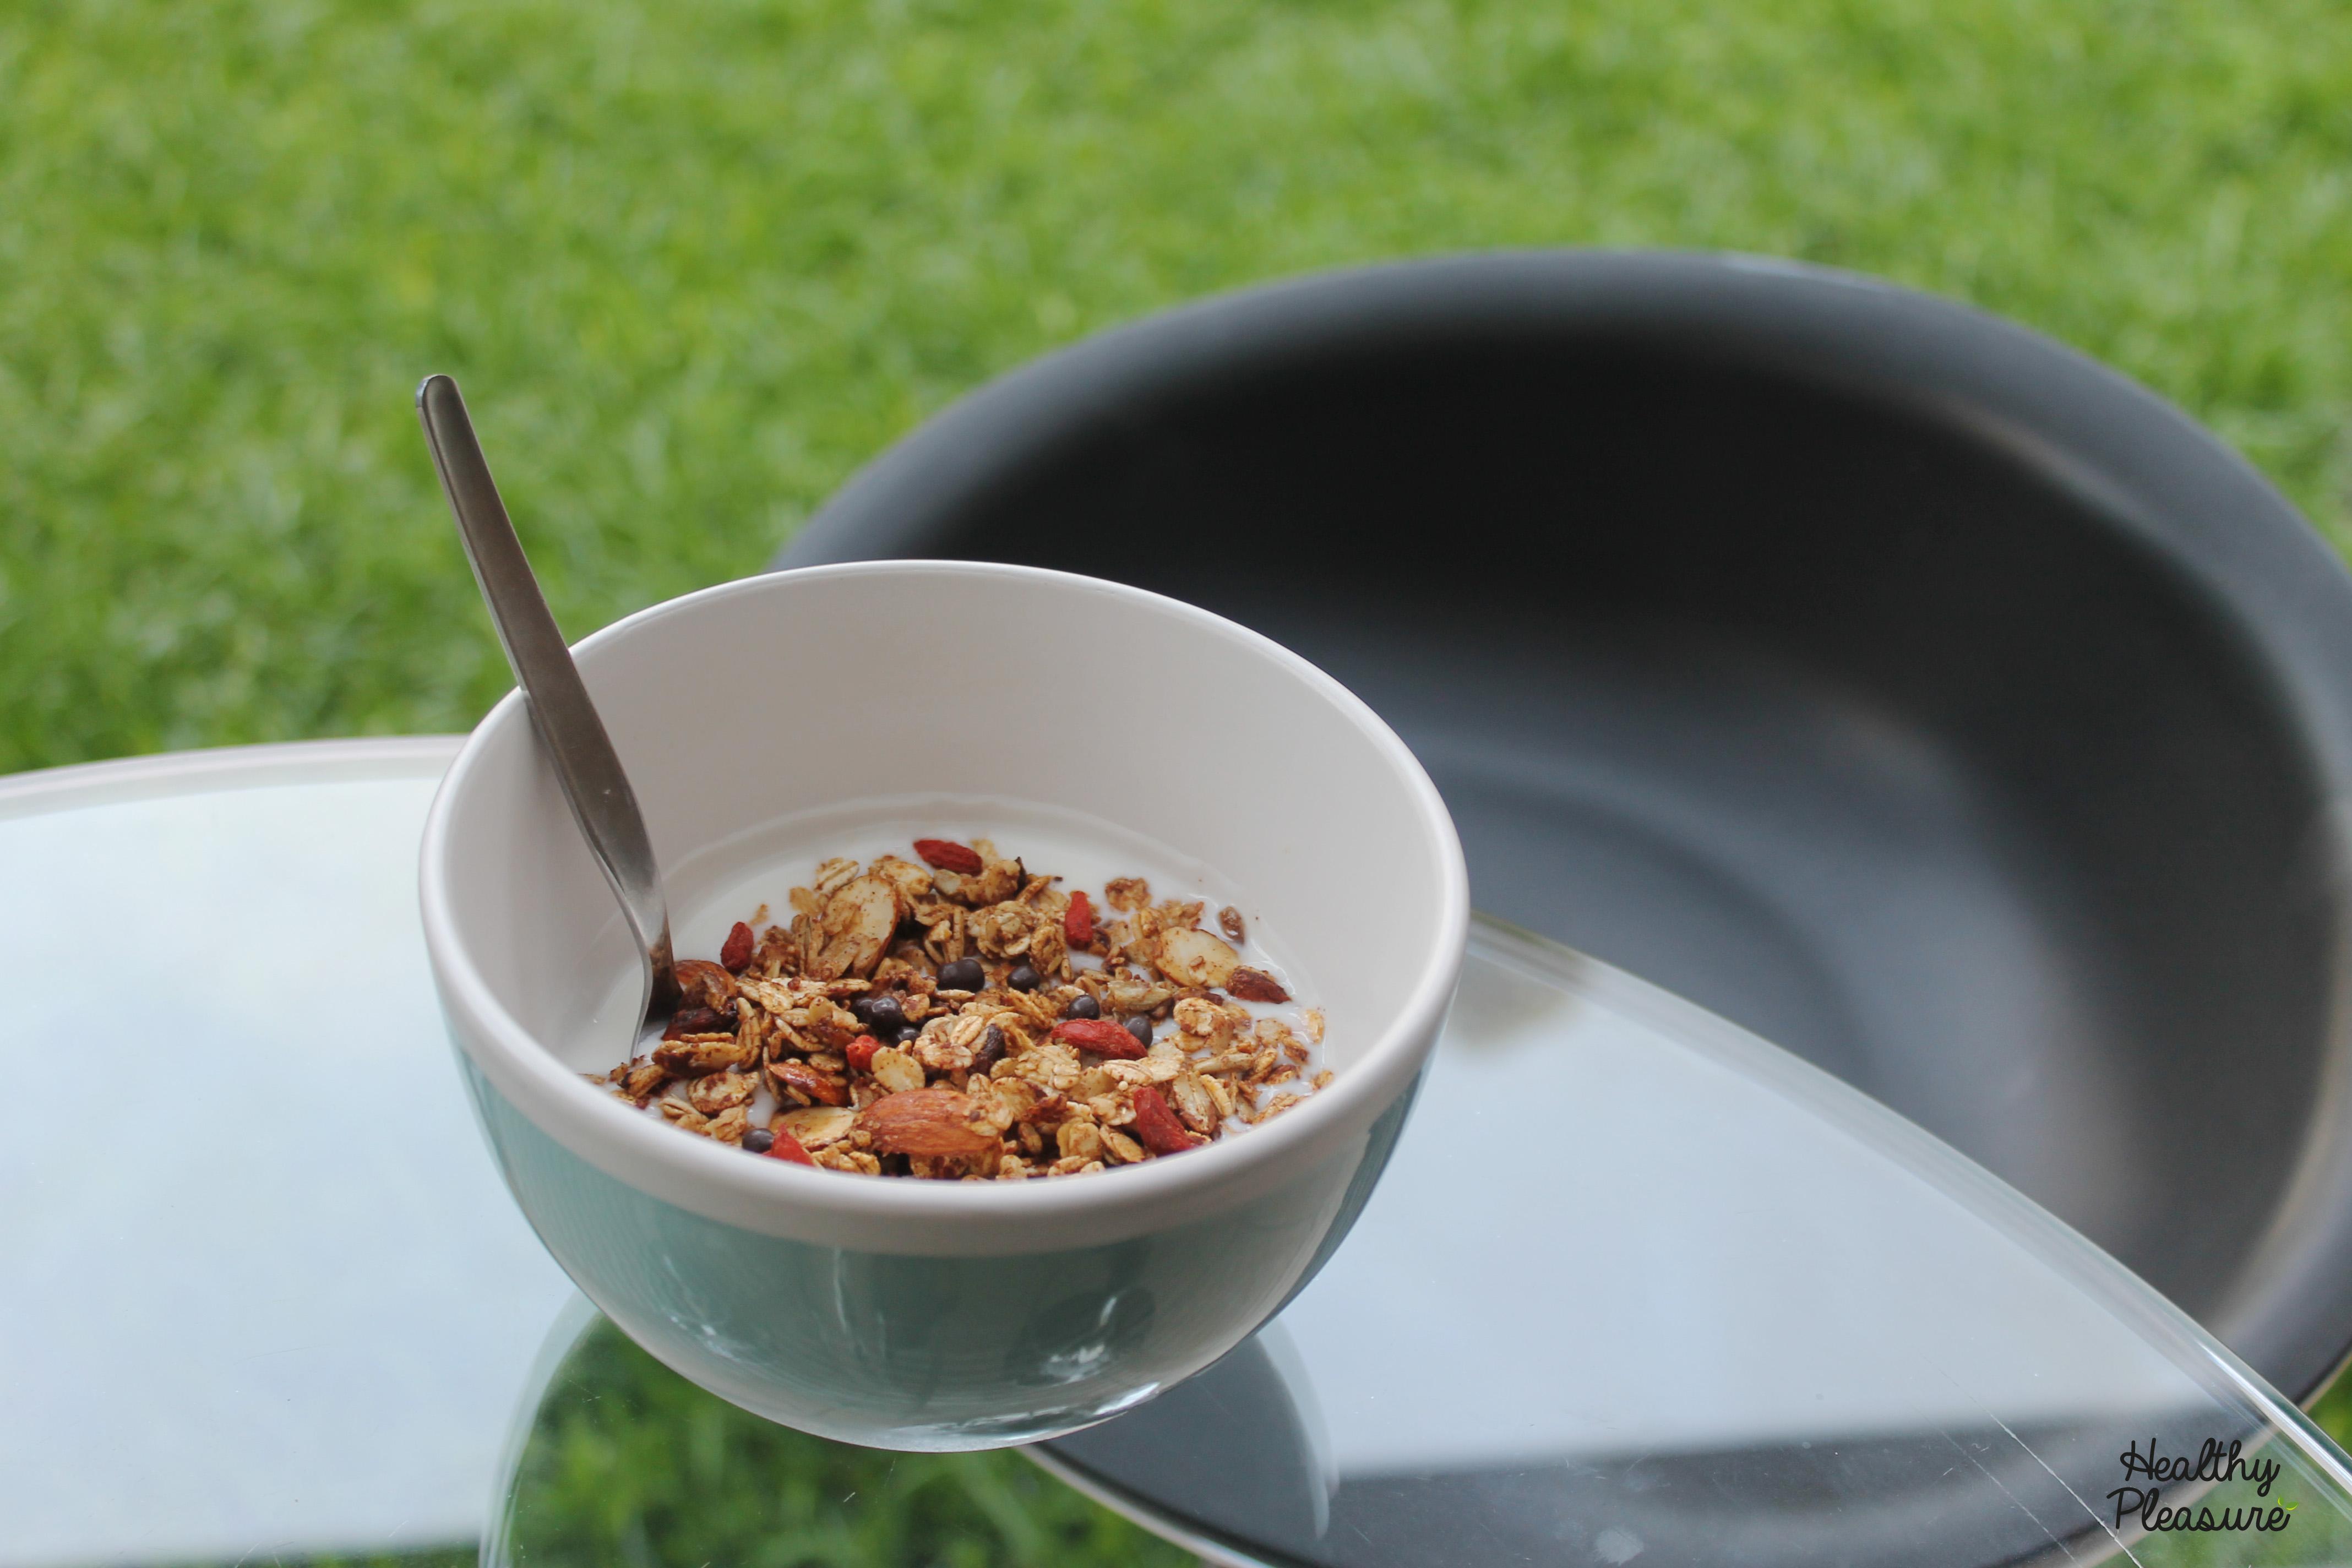 eatclean | Healthy Pleasure